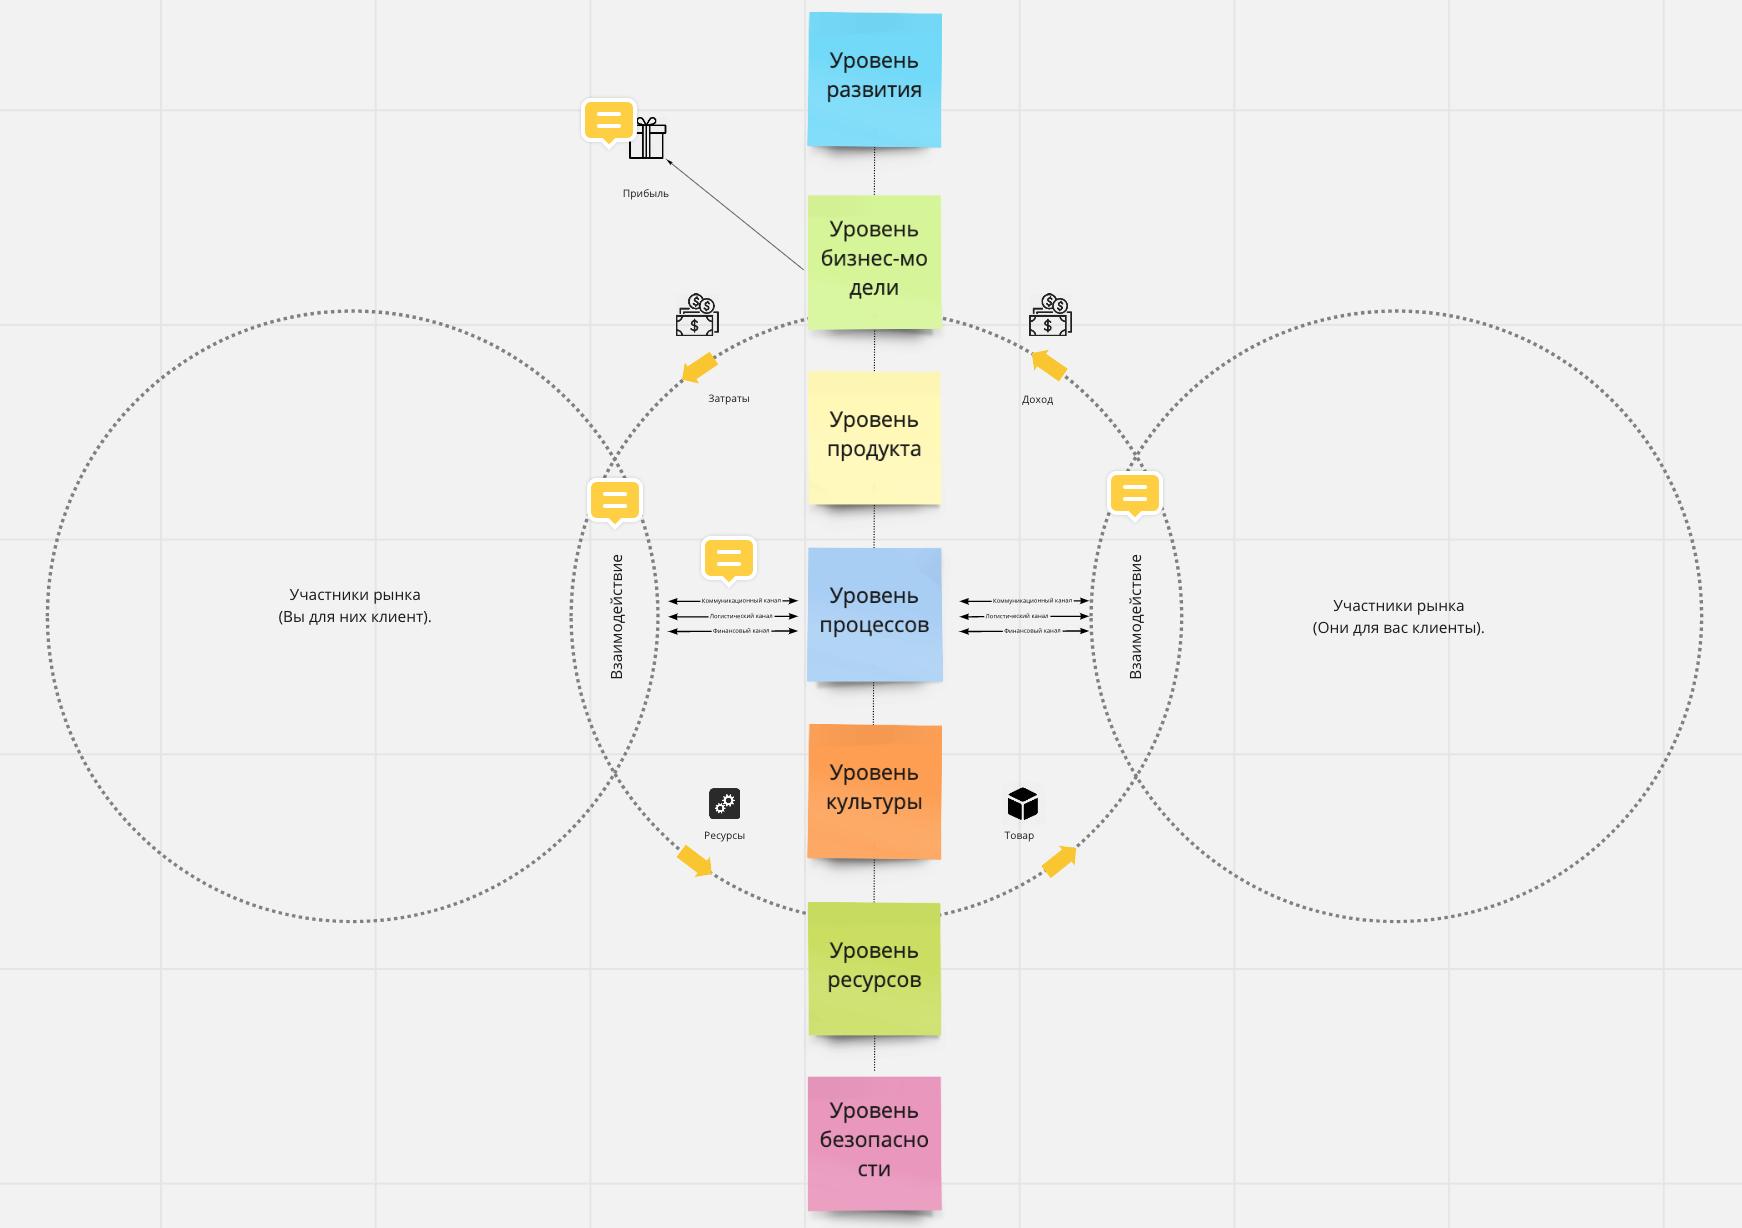 Общая схема устройства рыночных процессов и уровней организаций